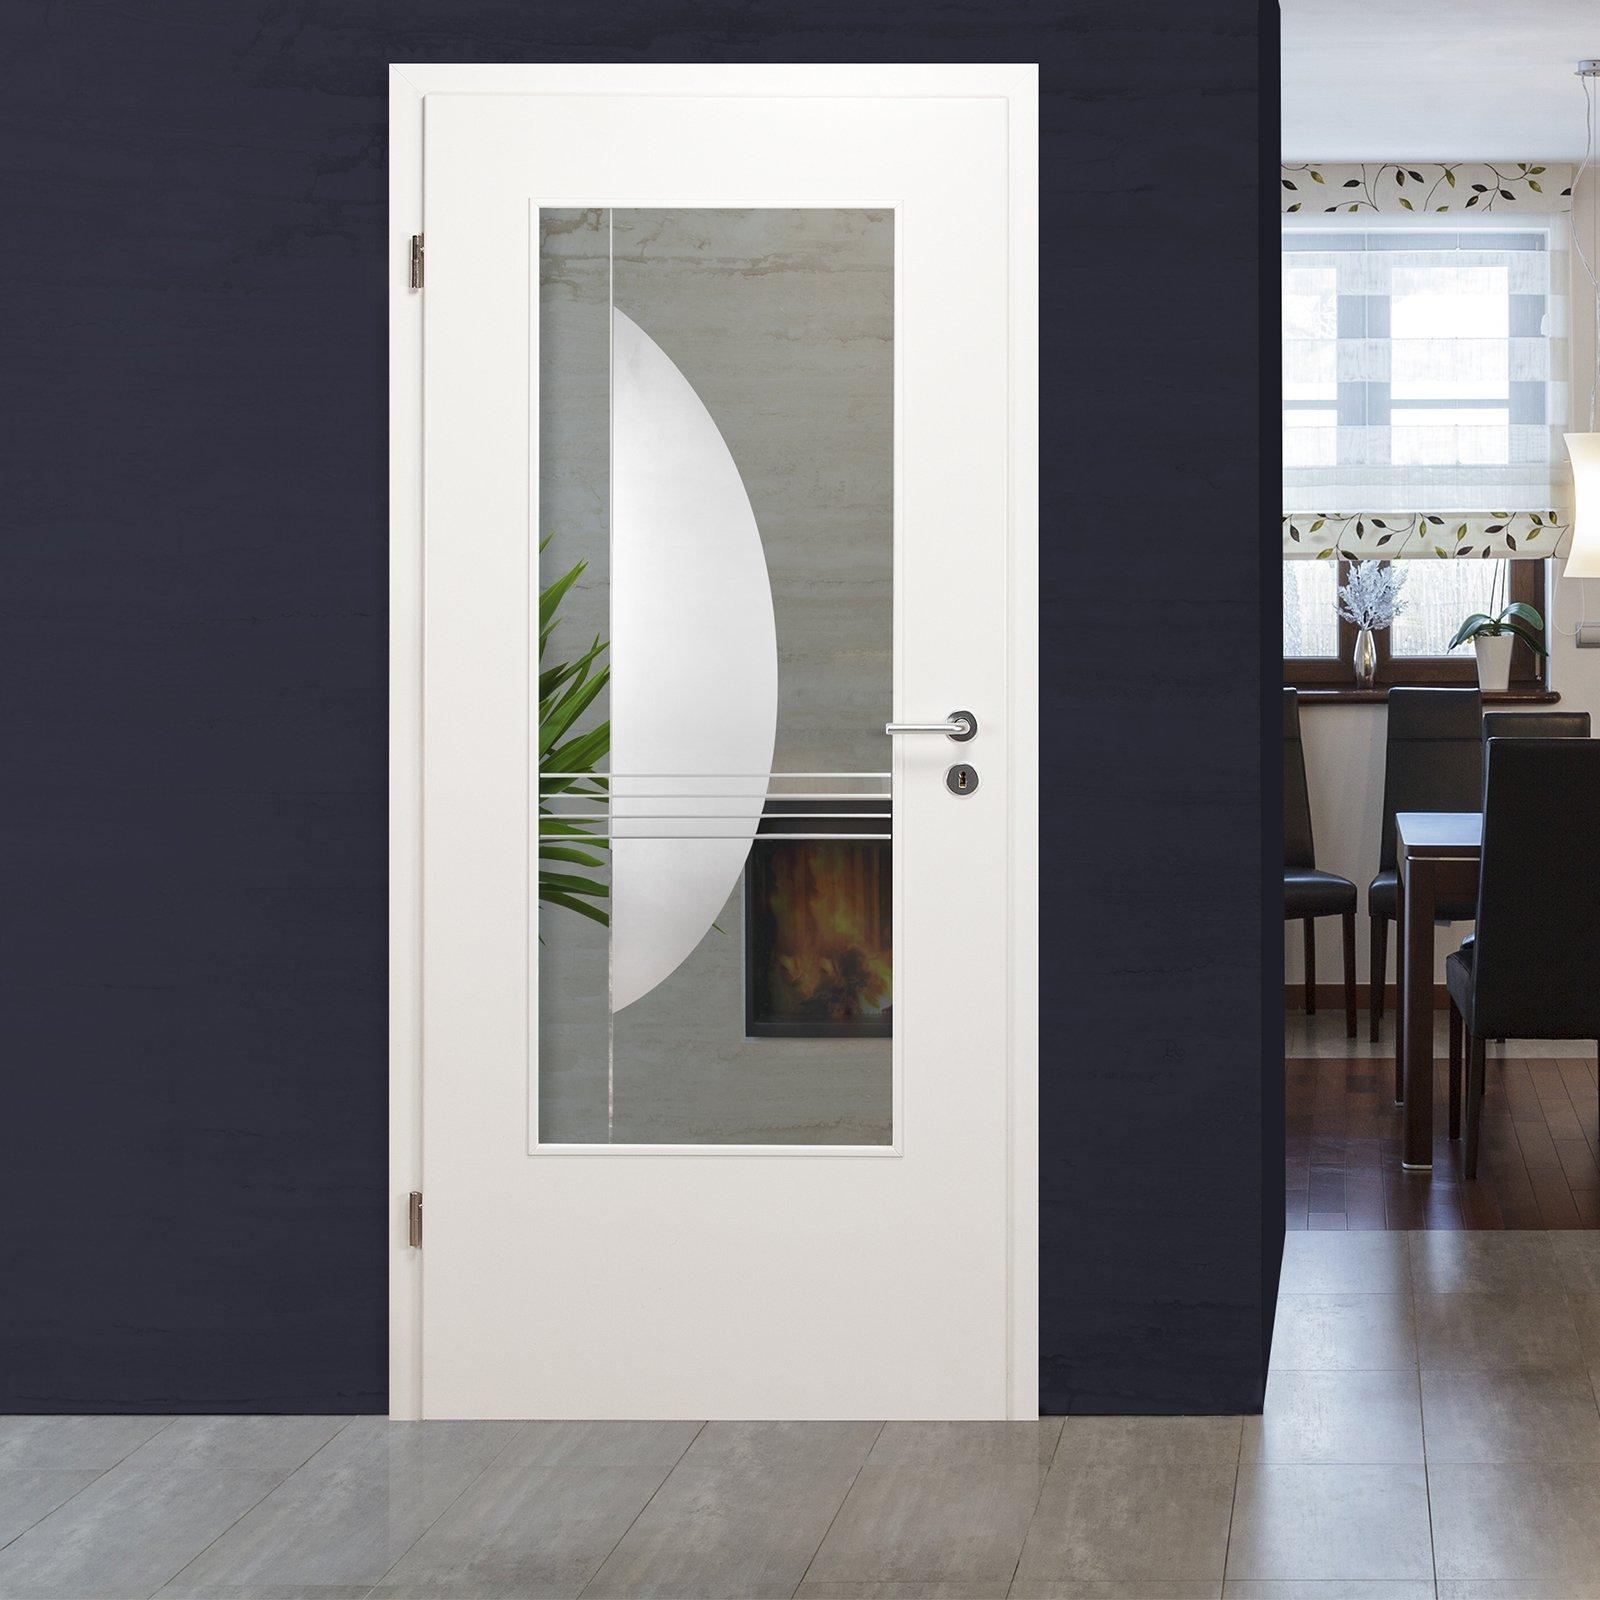 glaseinsatz f r holzt r klarglas mit kristallrillenschliff lar 975 f ebay. Black Bedroom Furniture Sets. Home Design Ideas